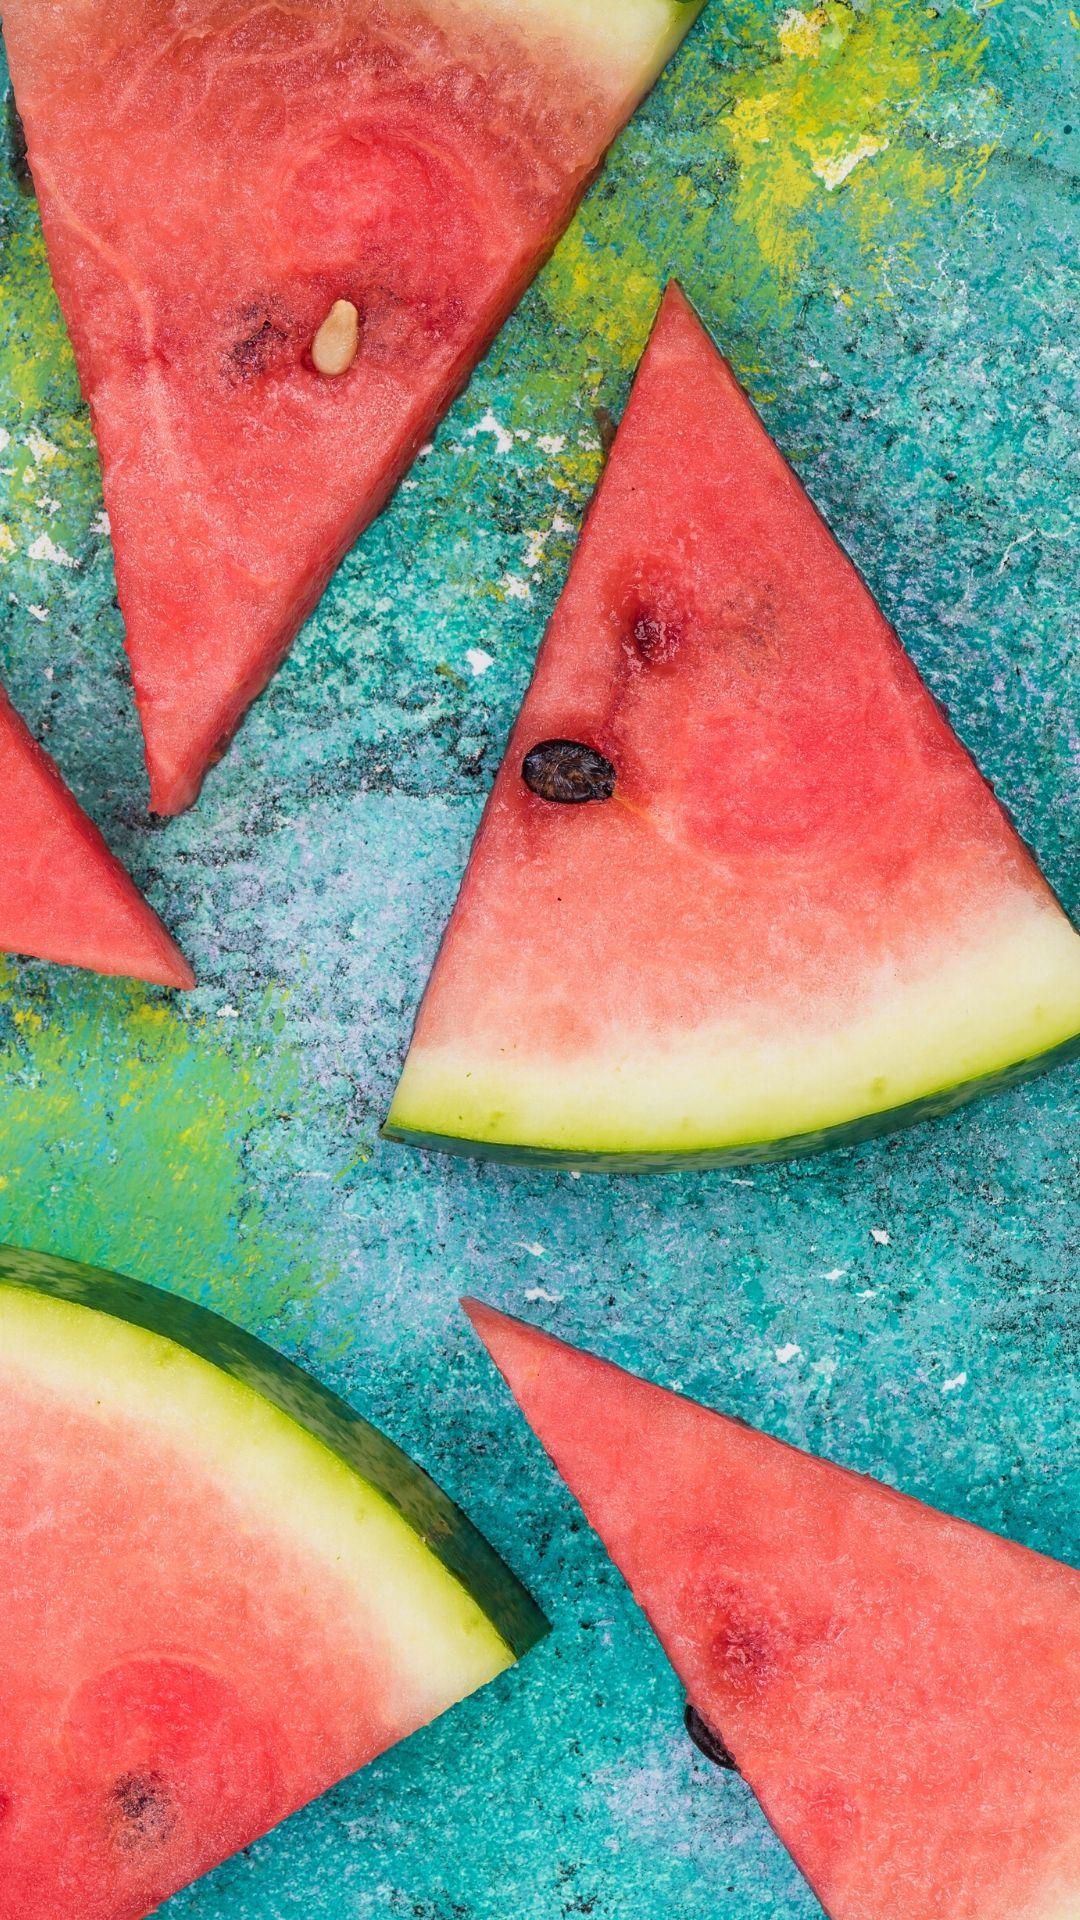 Summertime Watermelon iphone Wallpaper